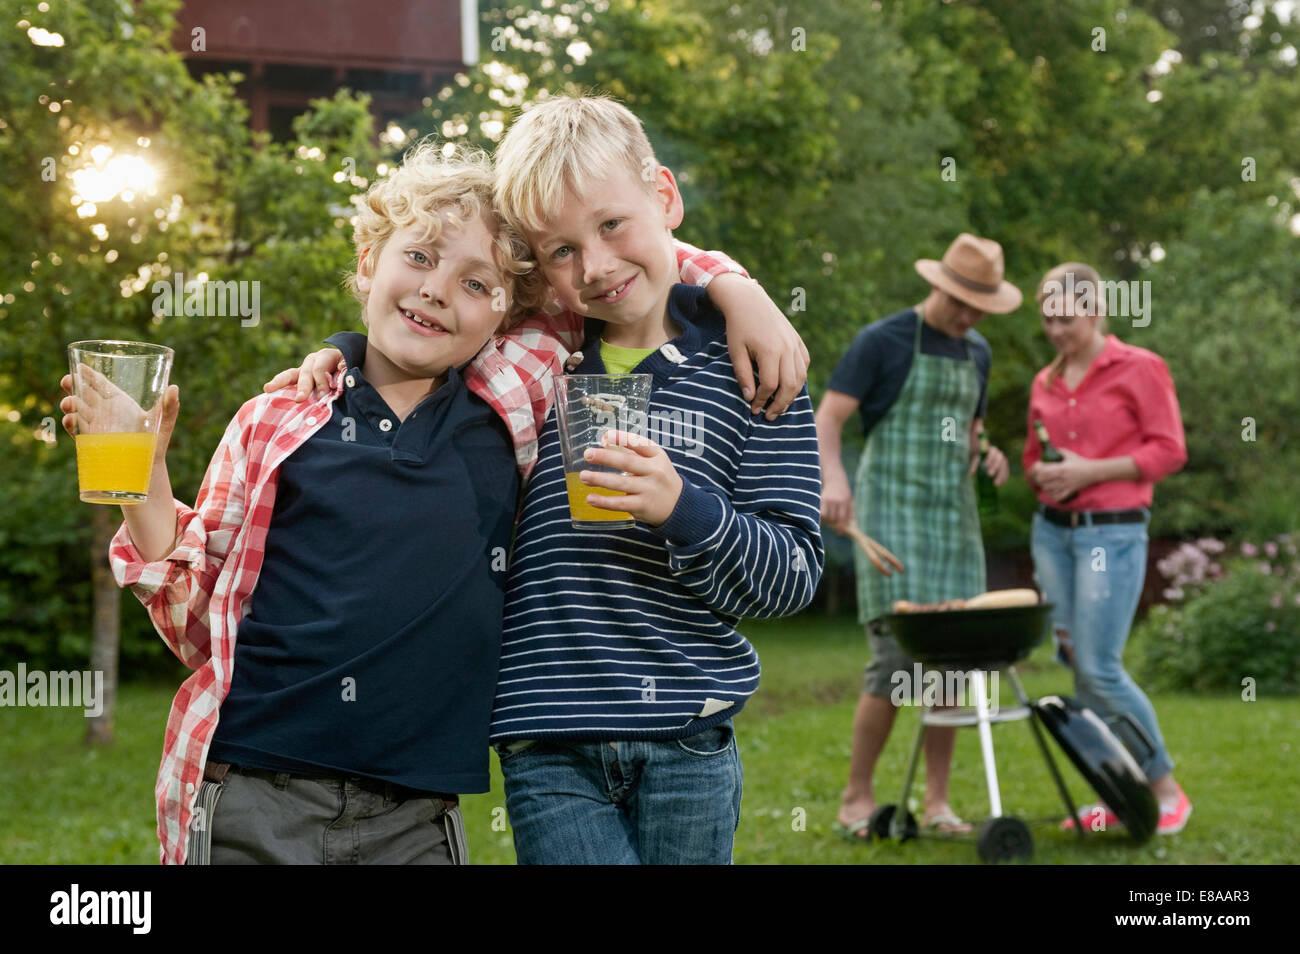 Barbecue in famiglia i genitori ragazzi amici garden Immagini Stock